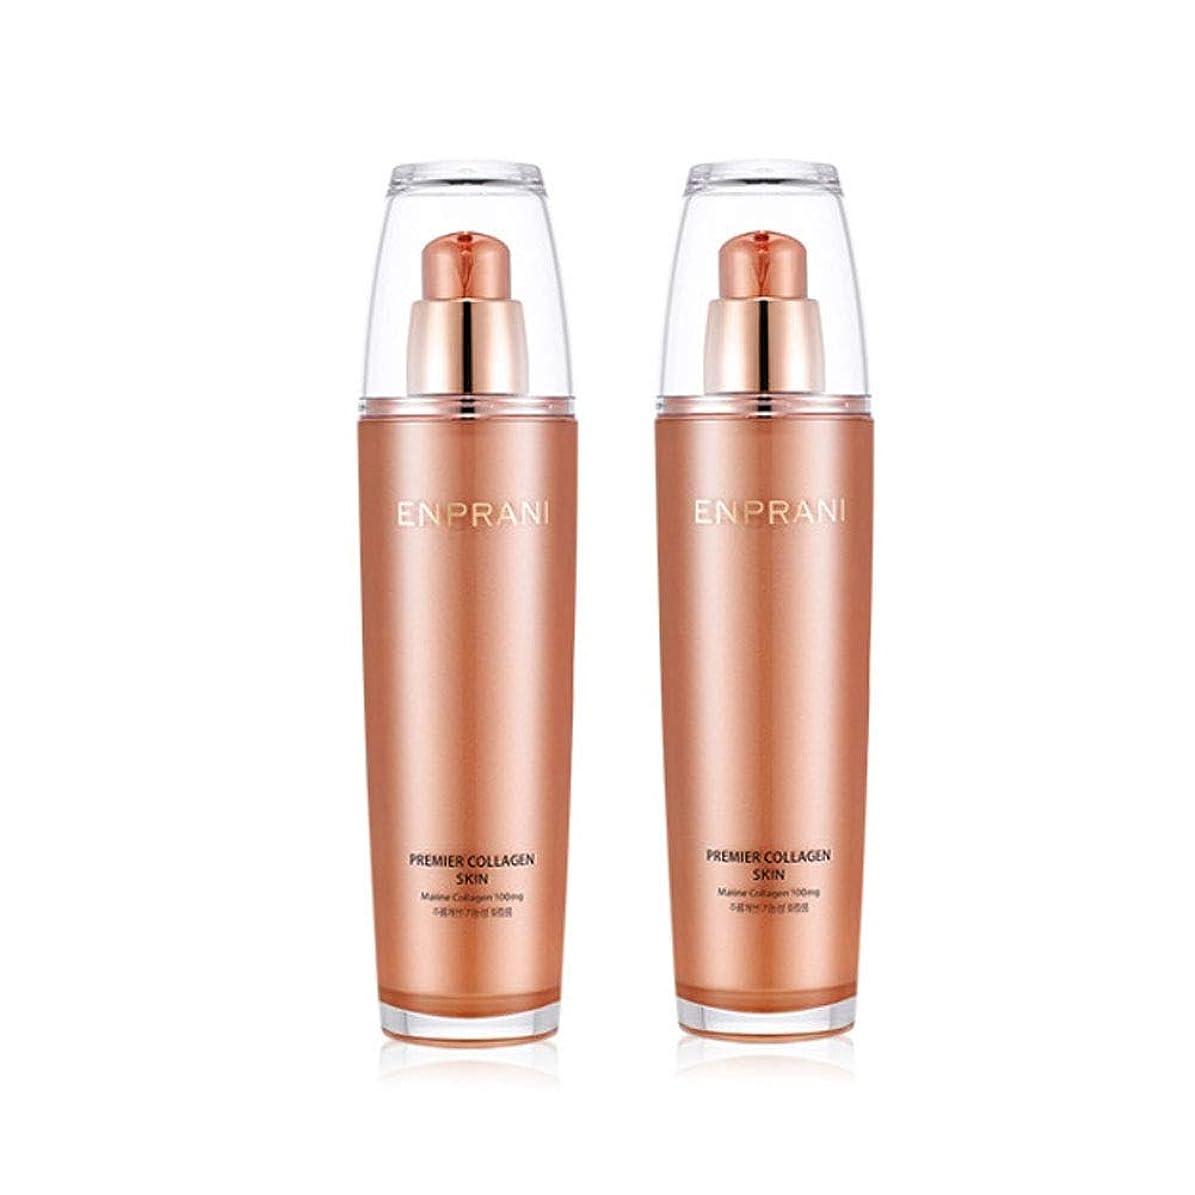 旋回試験小さいエンプラニ?プレミアコラーゲンスキン125ml x 2本セット、Enprani Premier Collagen Skin 125ml x 2ea Set [並行輸入品]